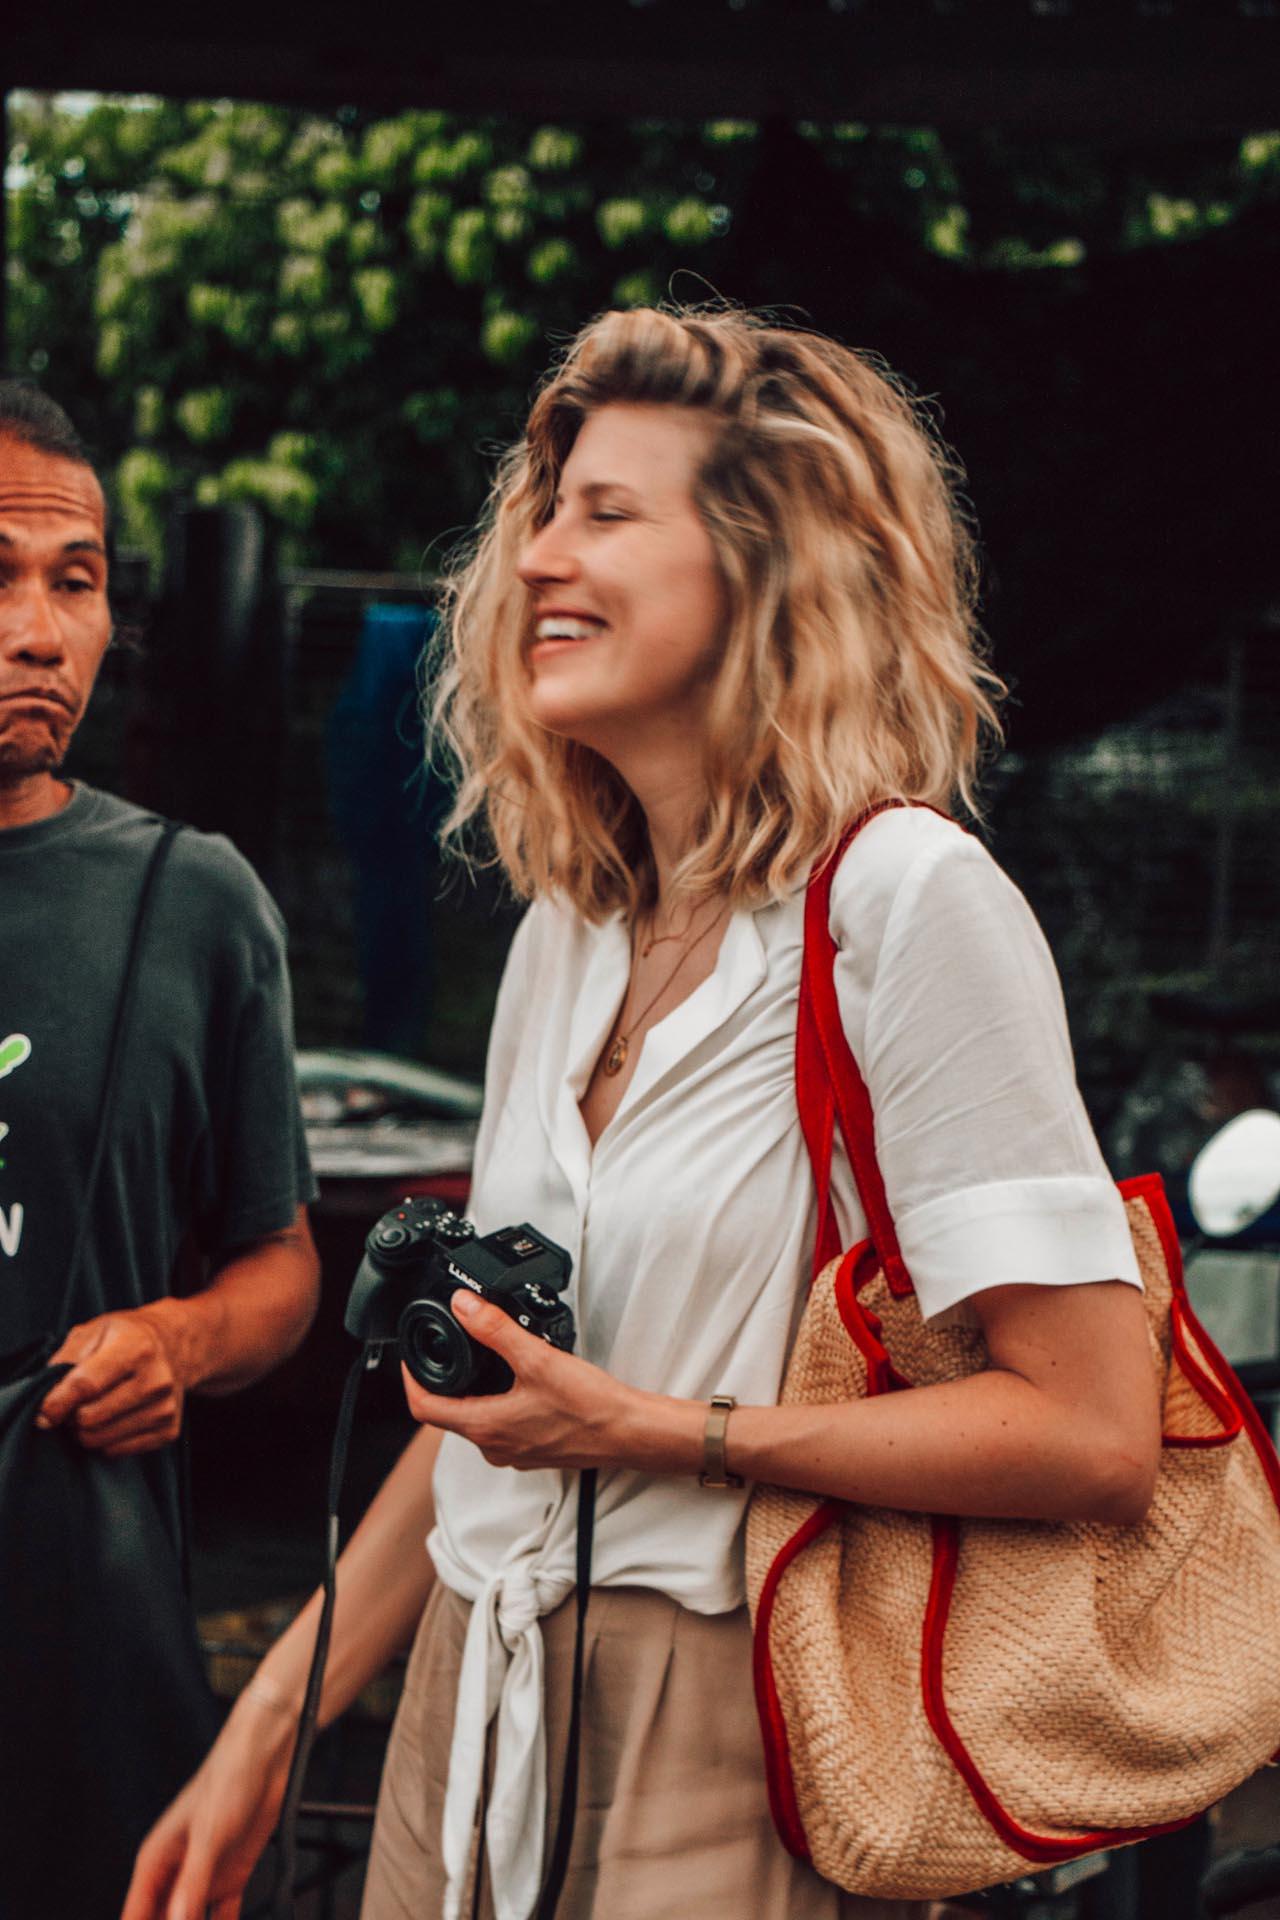 koh yao noi tourisme krabi thailande thailand tourism madebyf press trip